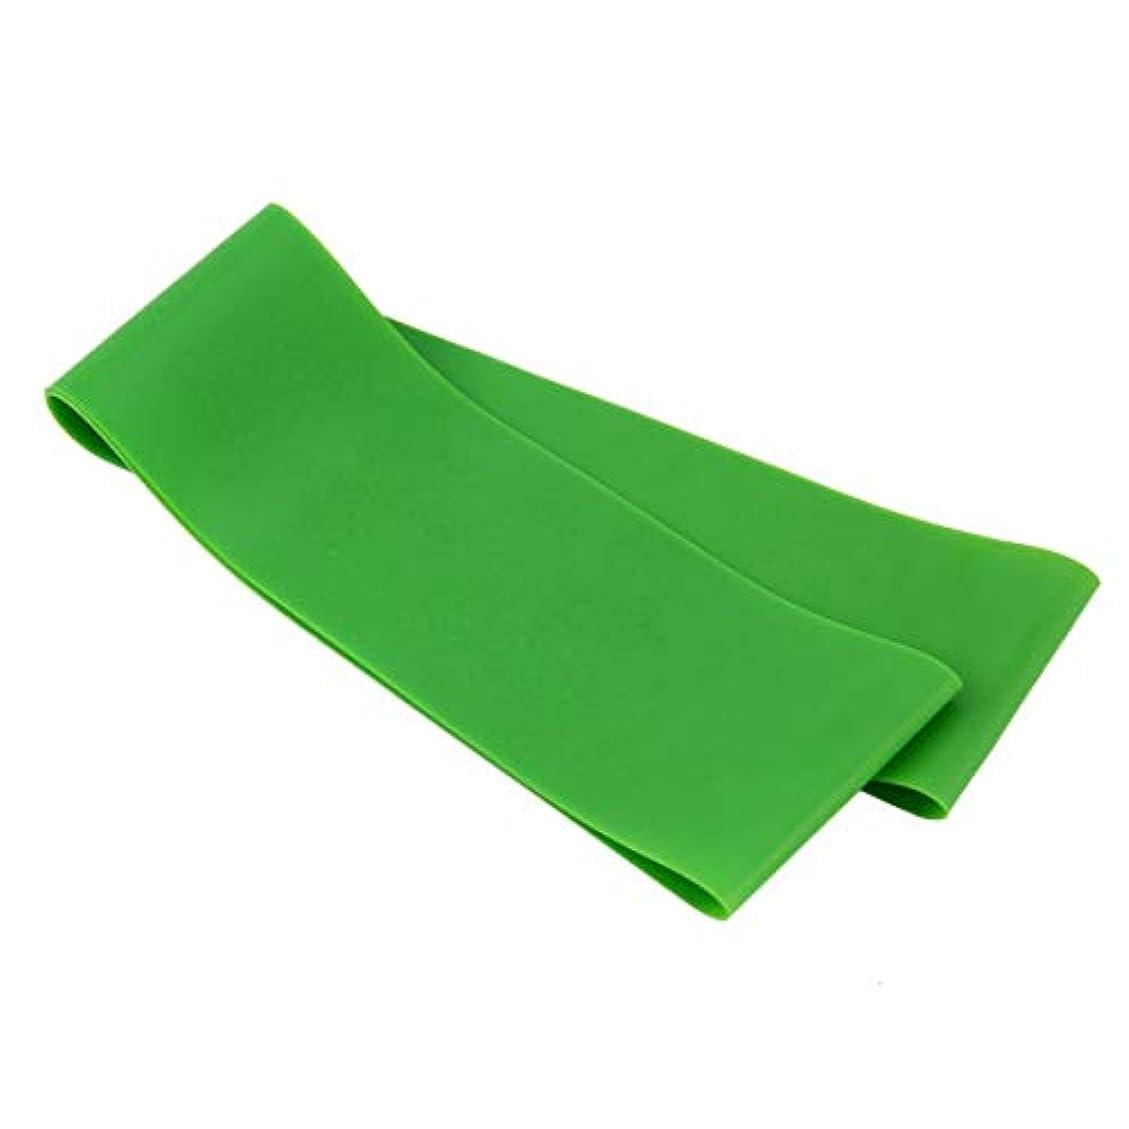 維持する高速道路観光滑り止め伸縮性ゴム弾性ヨガベルトバンドプルロープ張力抵抗バンドループ強度のためのフィットネスヨガツール - グリーン